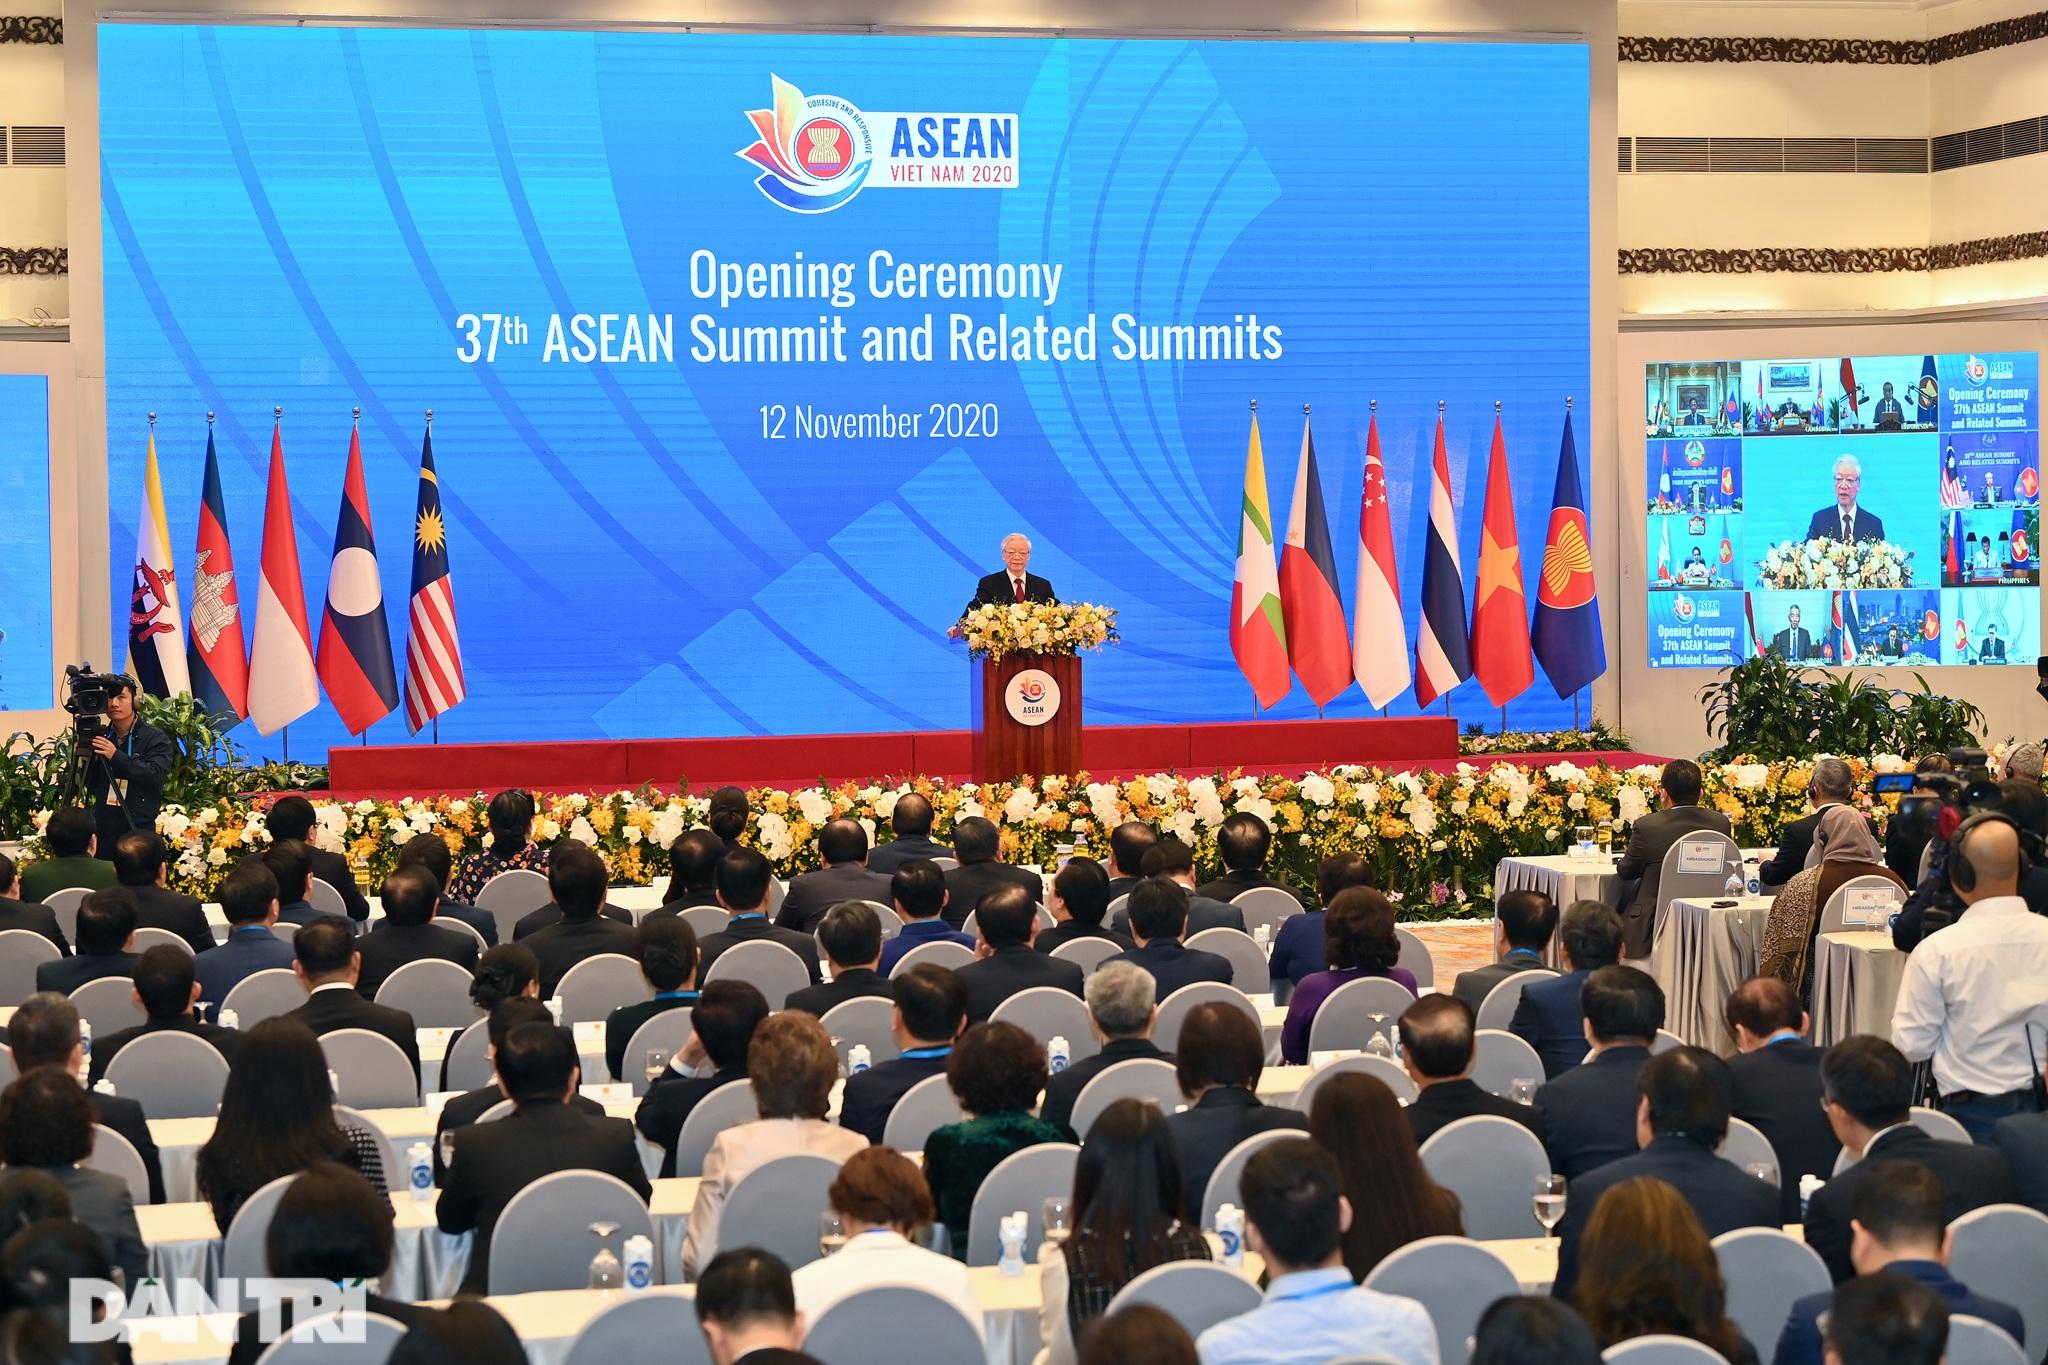 Lãnh đạo Đảng, Nhà nước dự khai mạc Hội nghị cấp cao ASEAN - 10